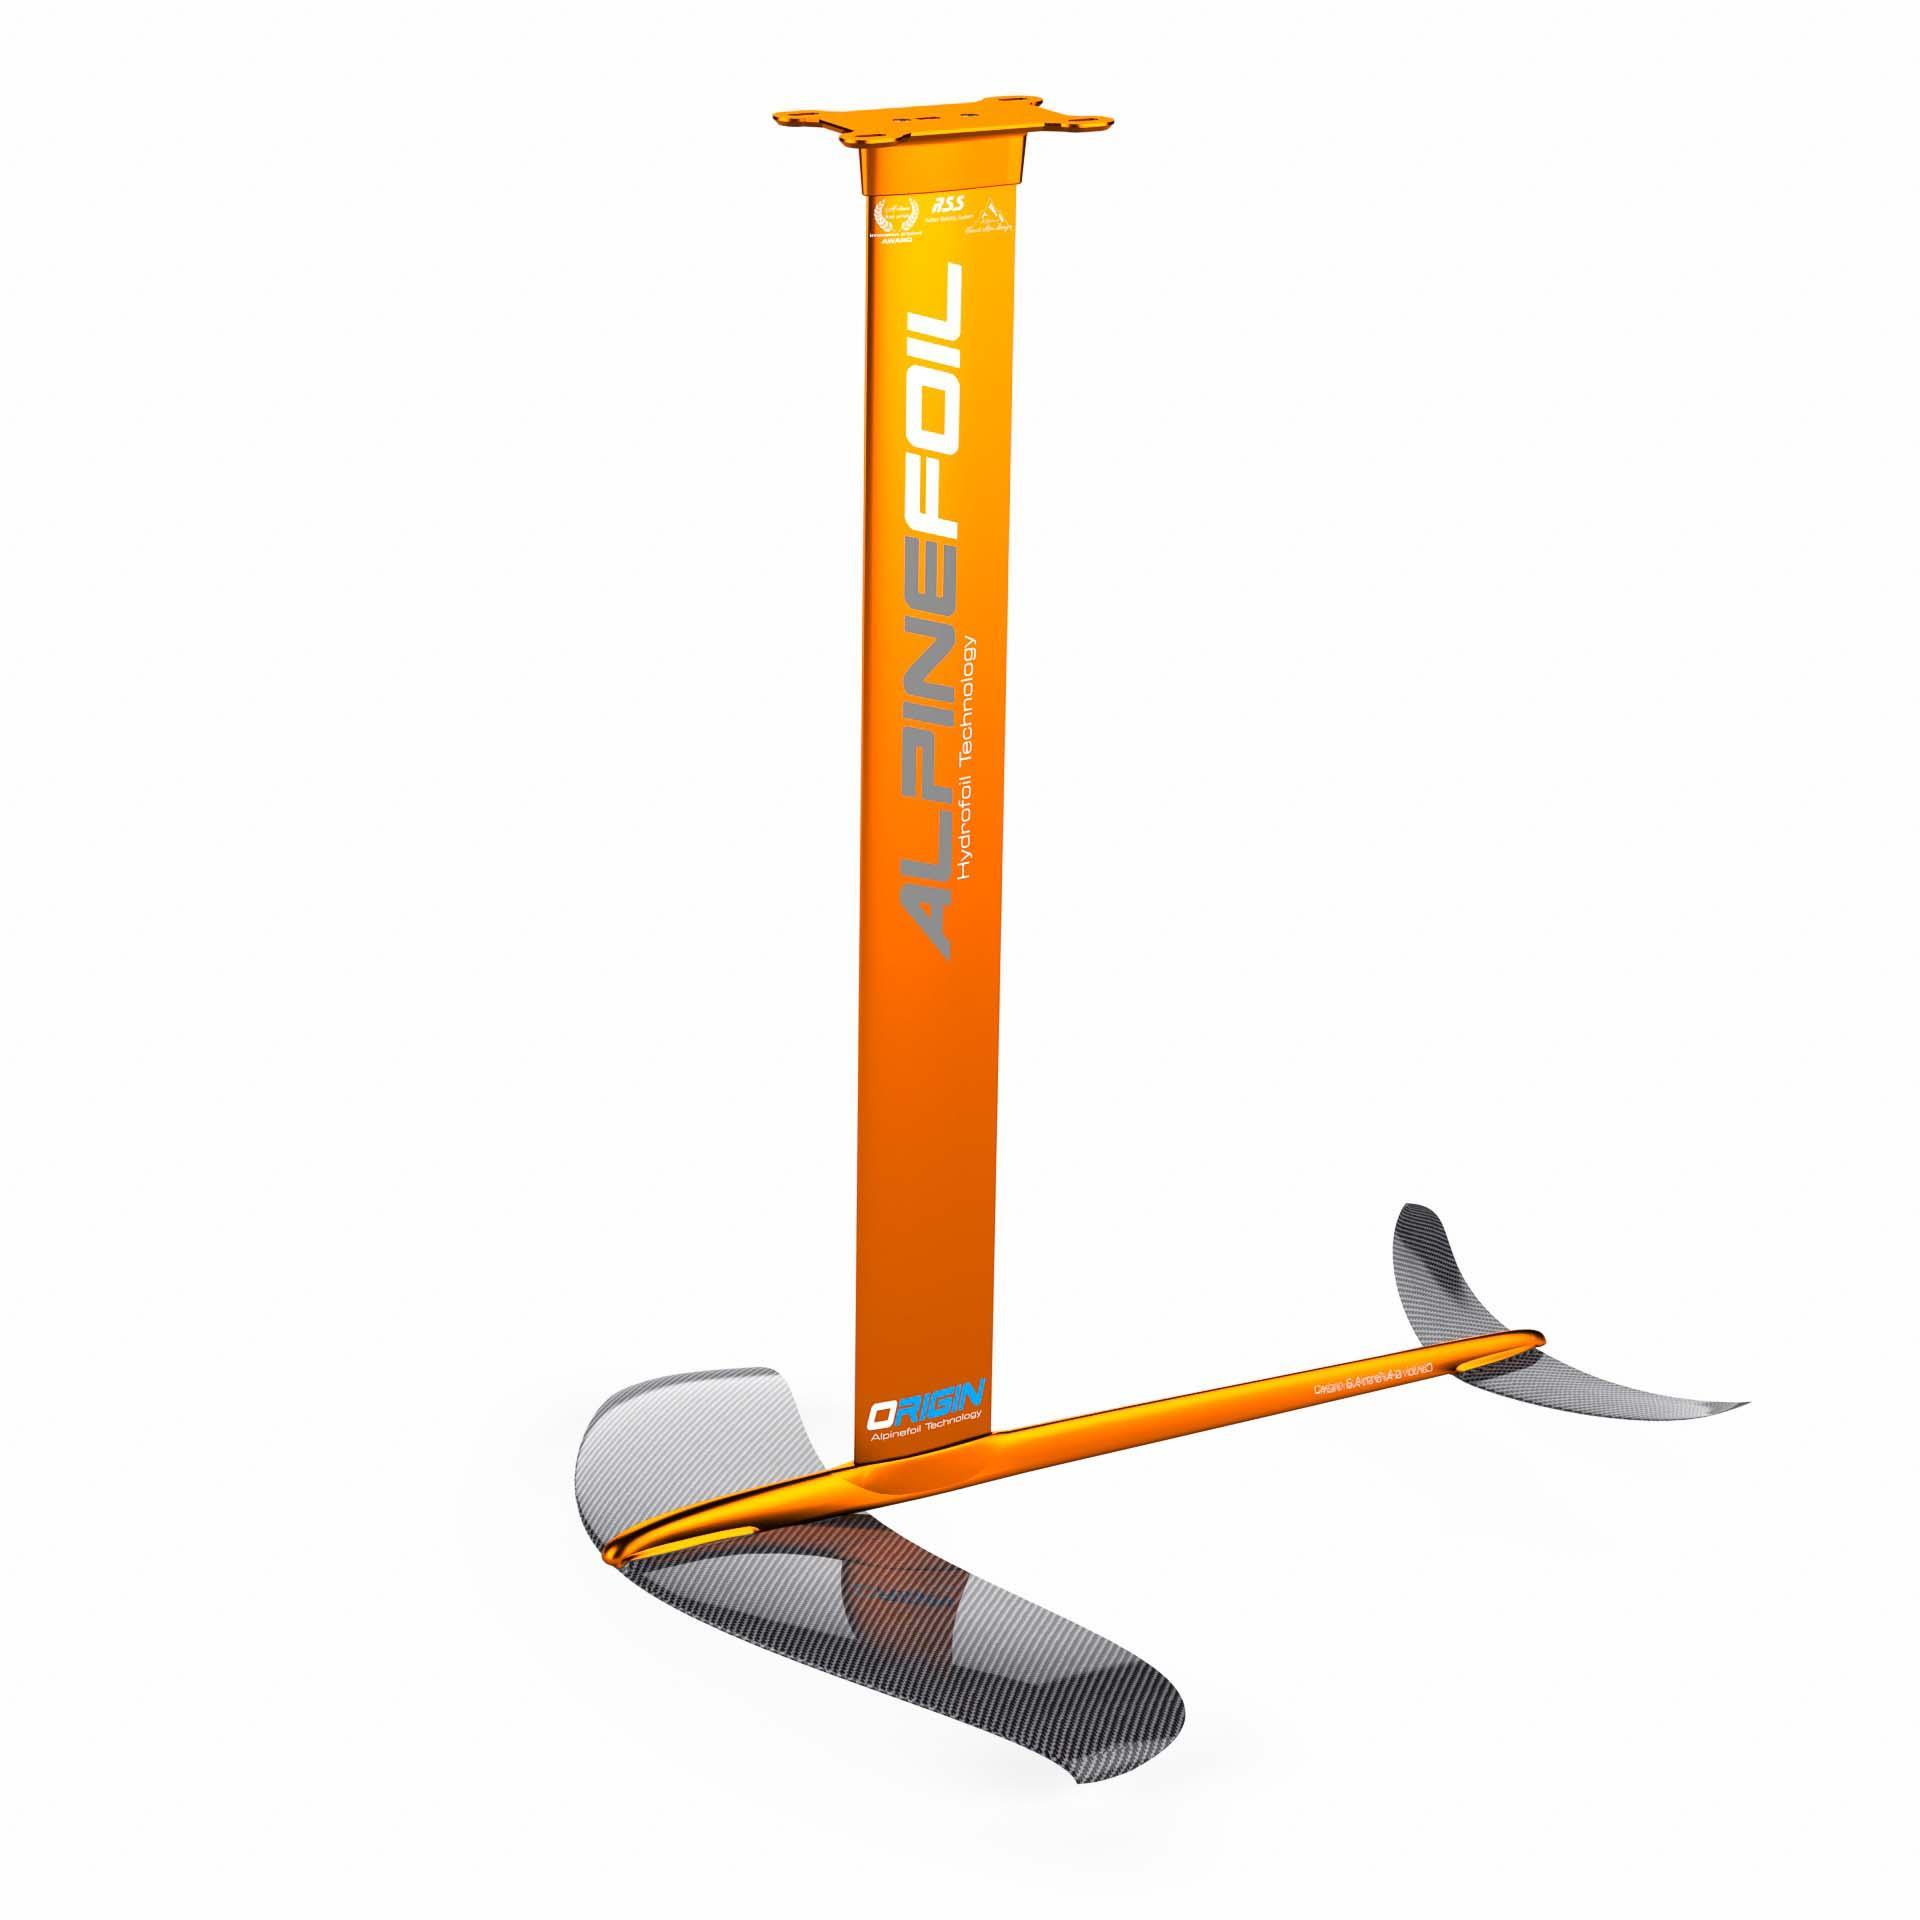 Kitefoil alpinefoil origin 14